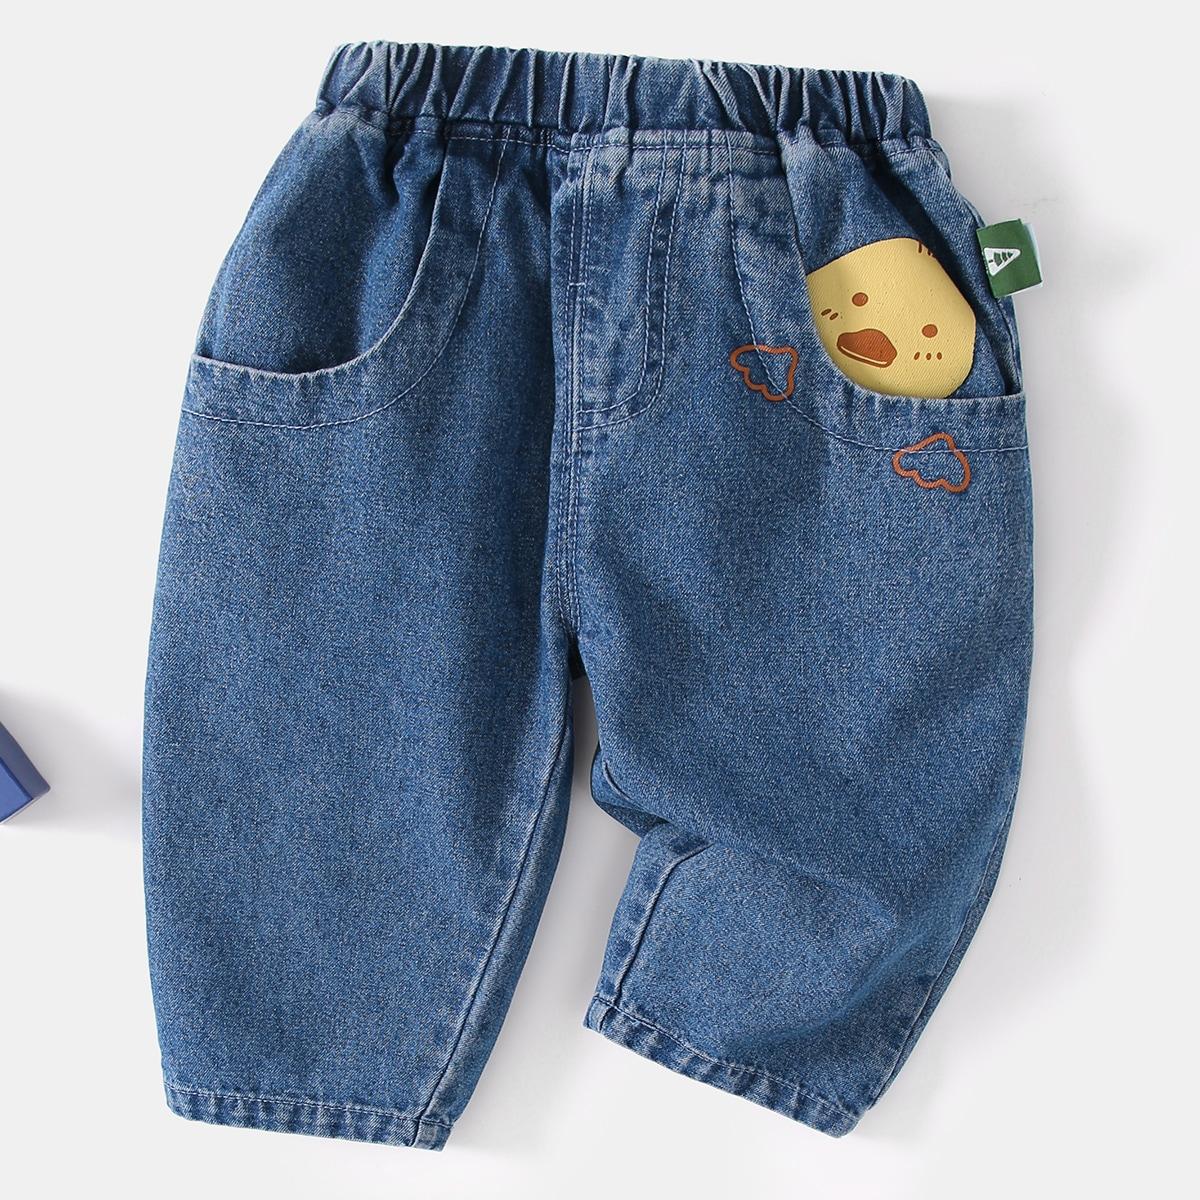 с вышивкой Мультяшный принт Деним для малышей от SHEIN